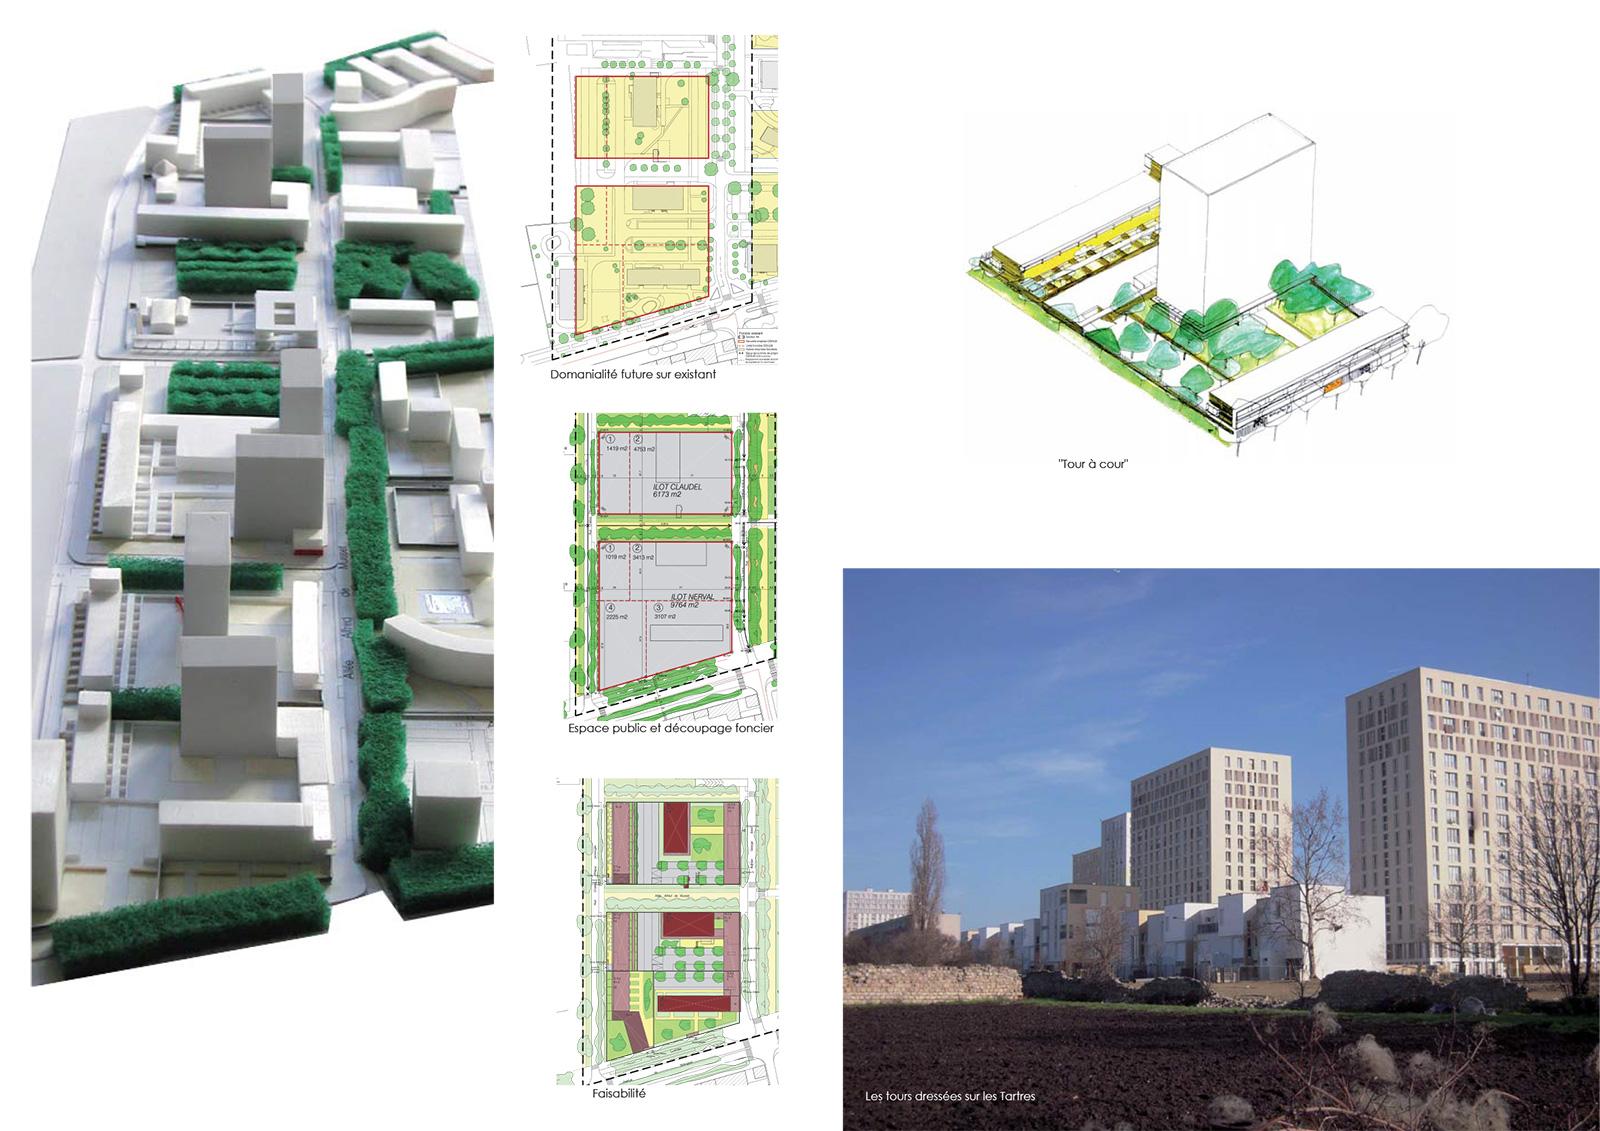 """Entre la rue G. Sand et le parc des Tartres, Les """"tours à cour"""" - L'intégration urbaine des tours dans un tissu de bord de parc"""